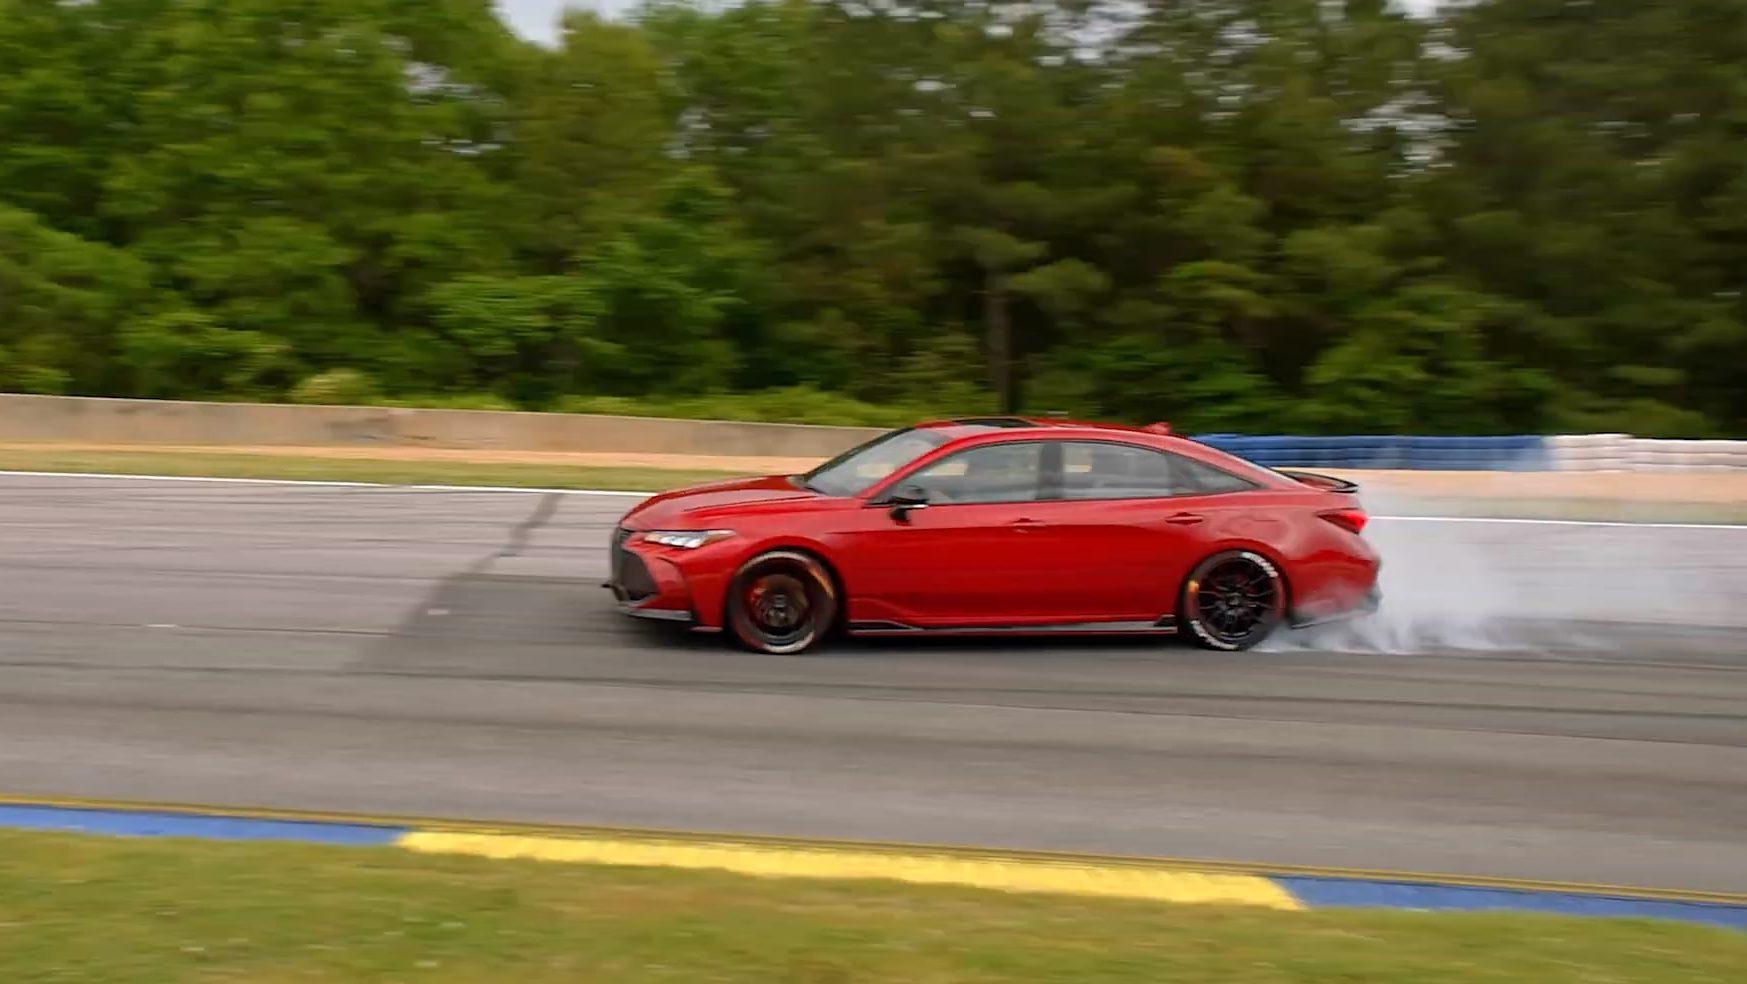 Driften met voorwielaandrijving in een Toyota Avalon TRD